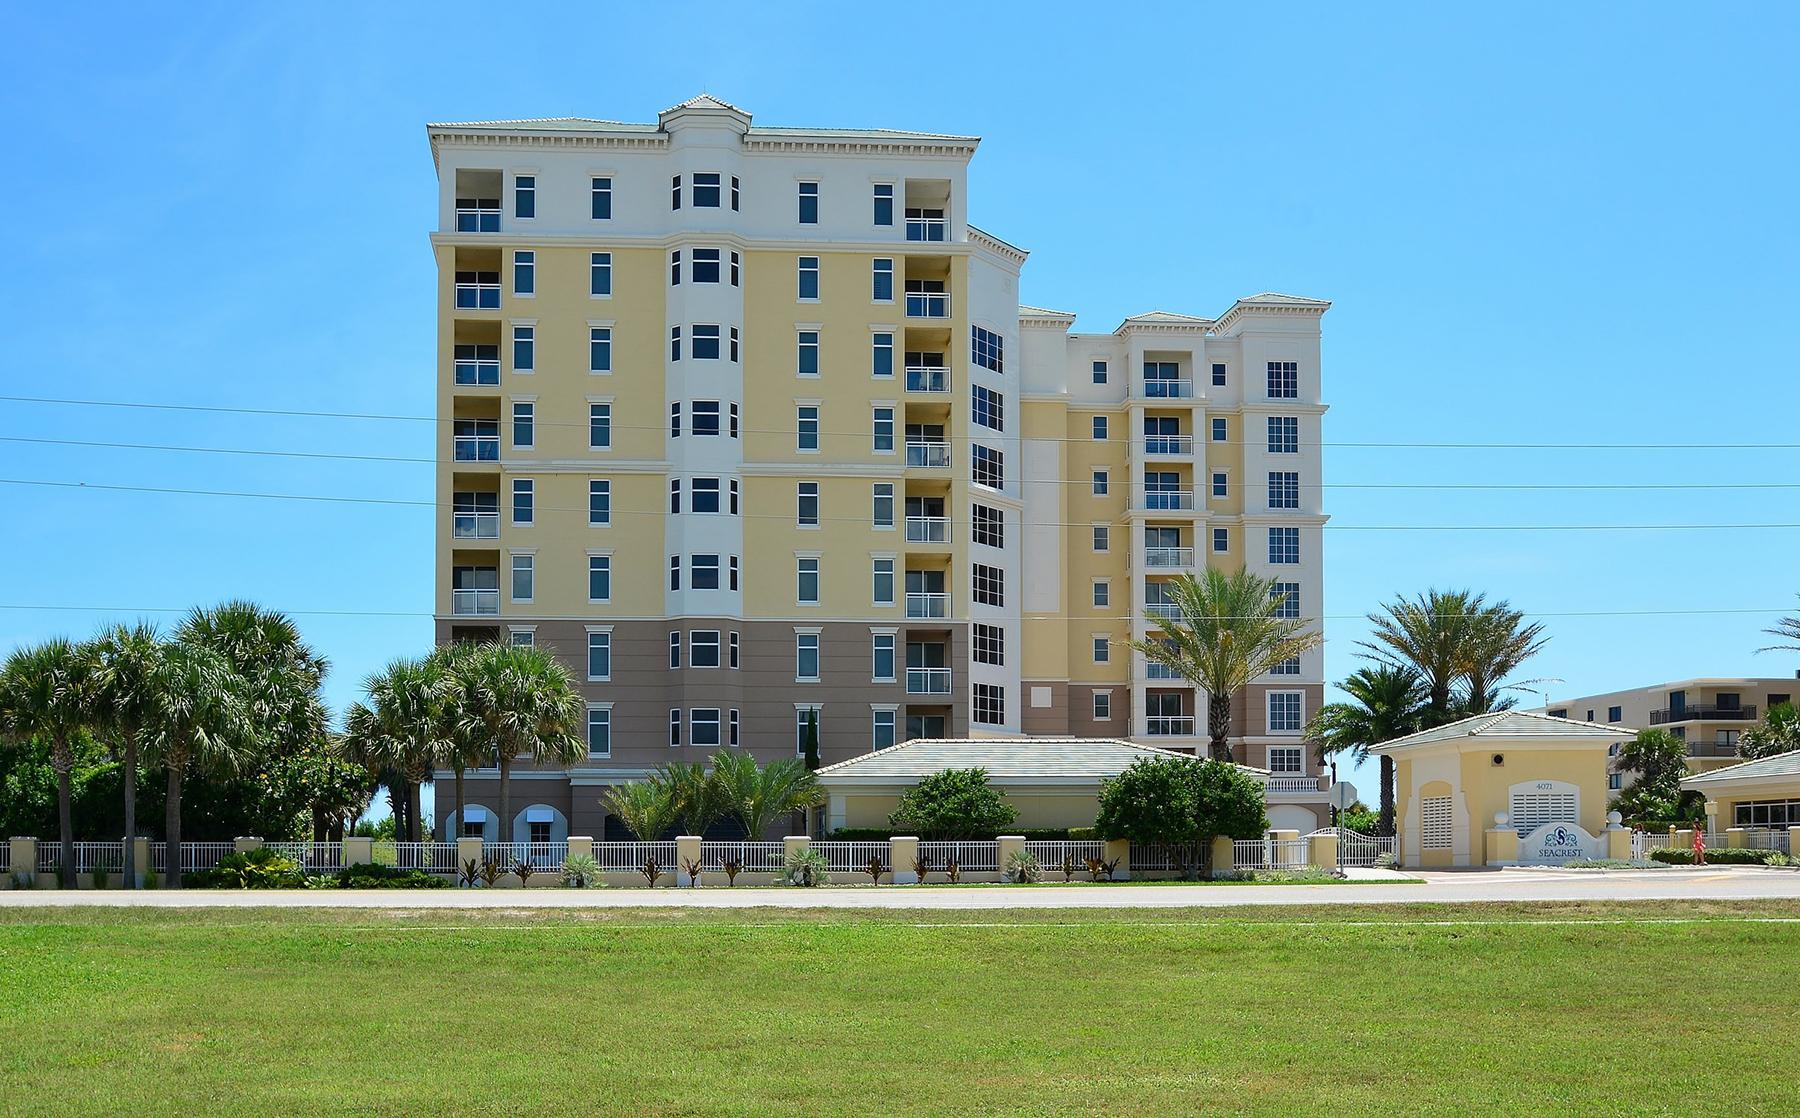 共管物業 為 出售 在 NEW SMYRNA BEACH - FLORIDA 4071 S Atlantic Ave 801 New Smyrna Beach, 佛羅里達州, 32169 美國